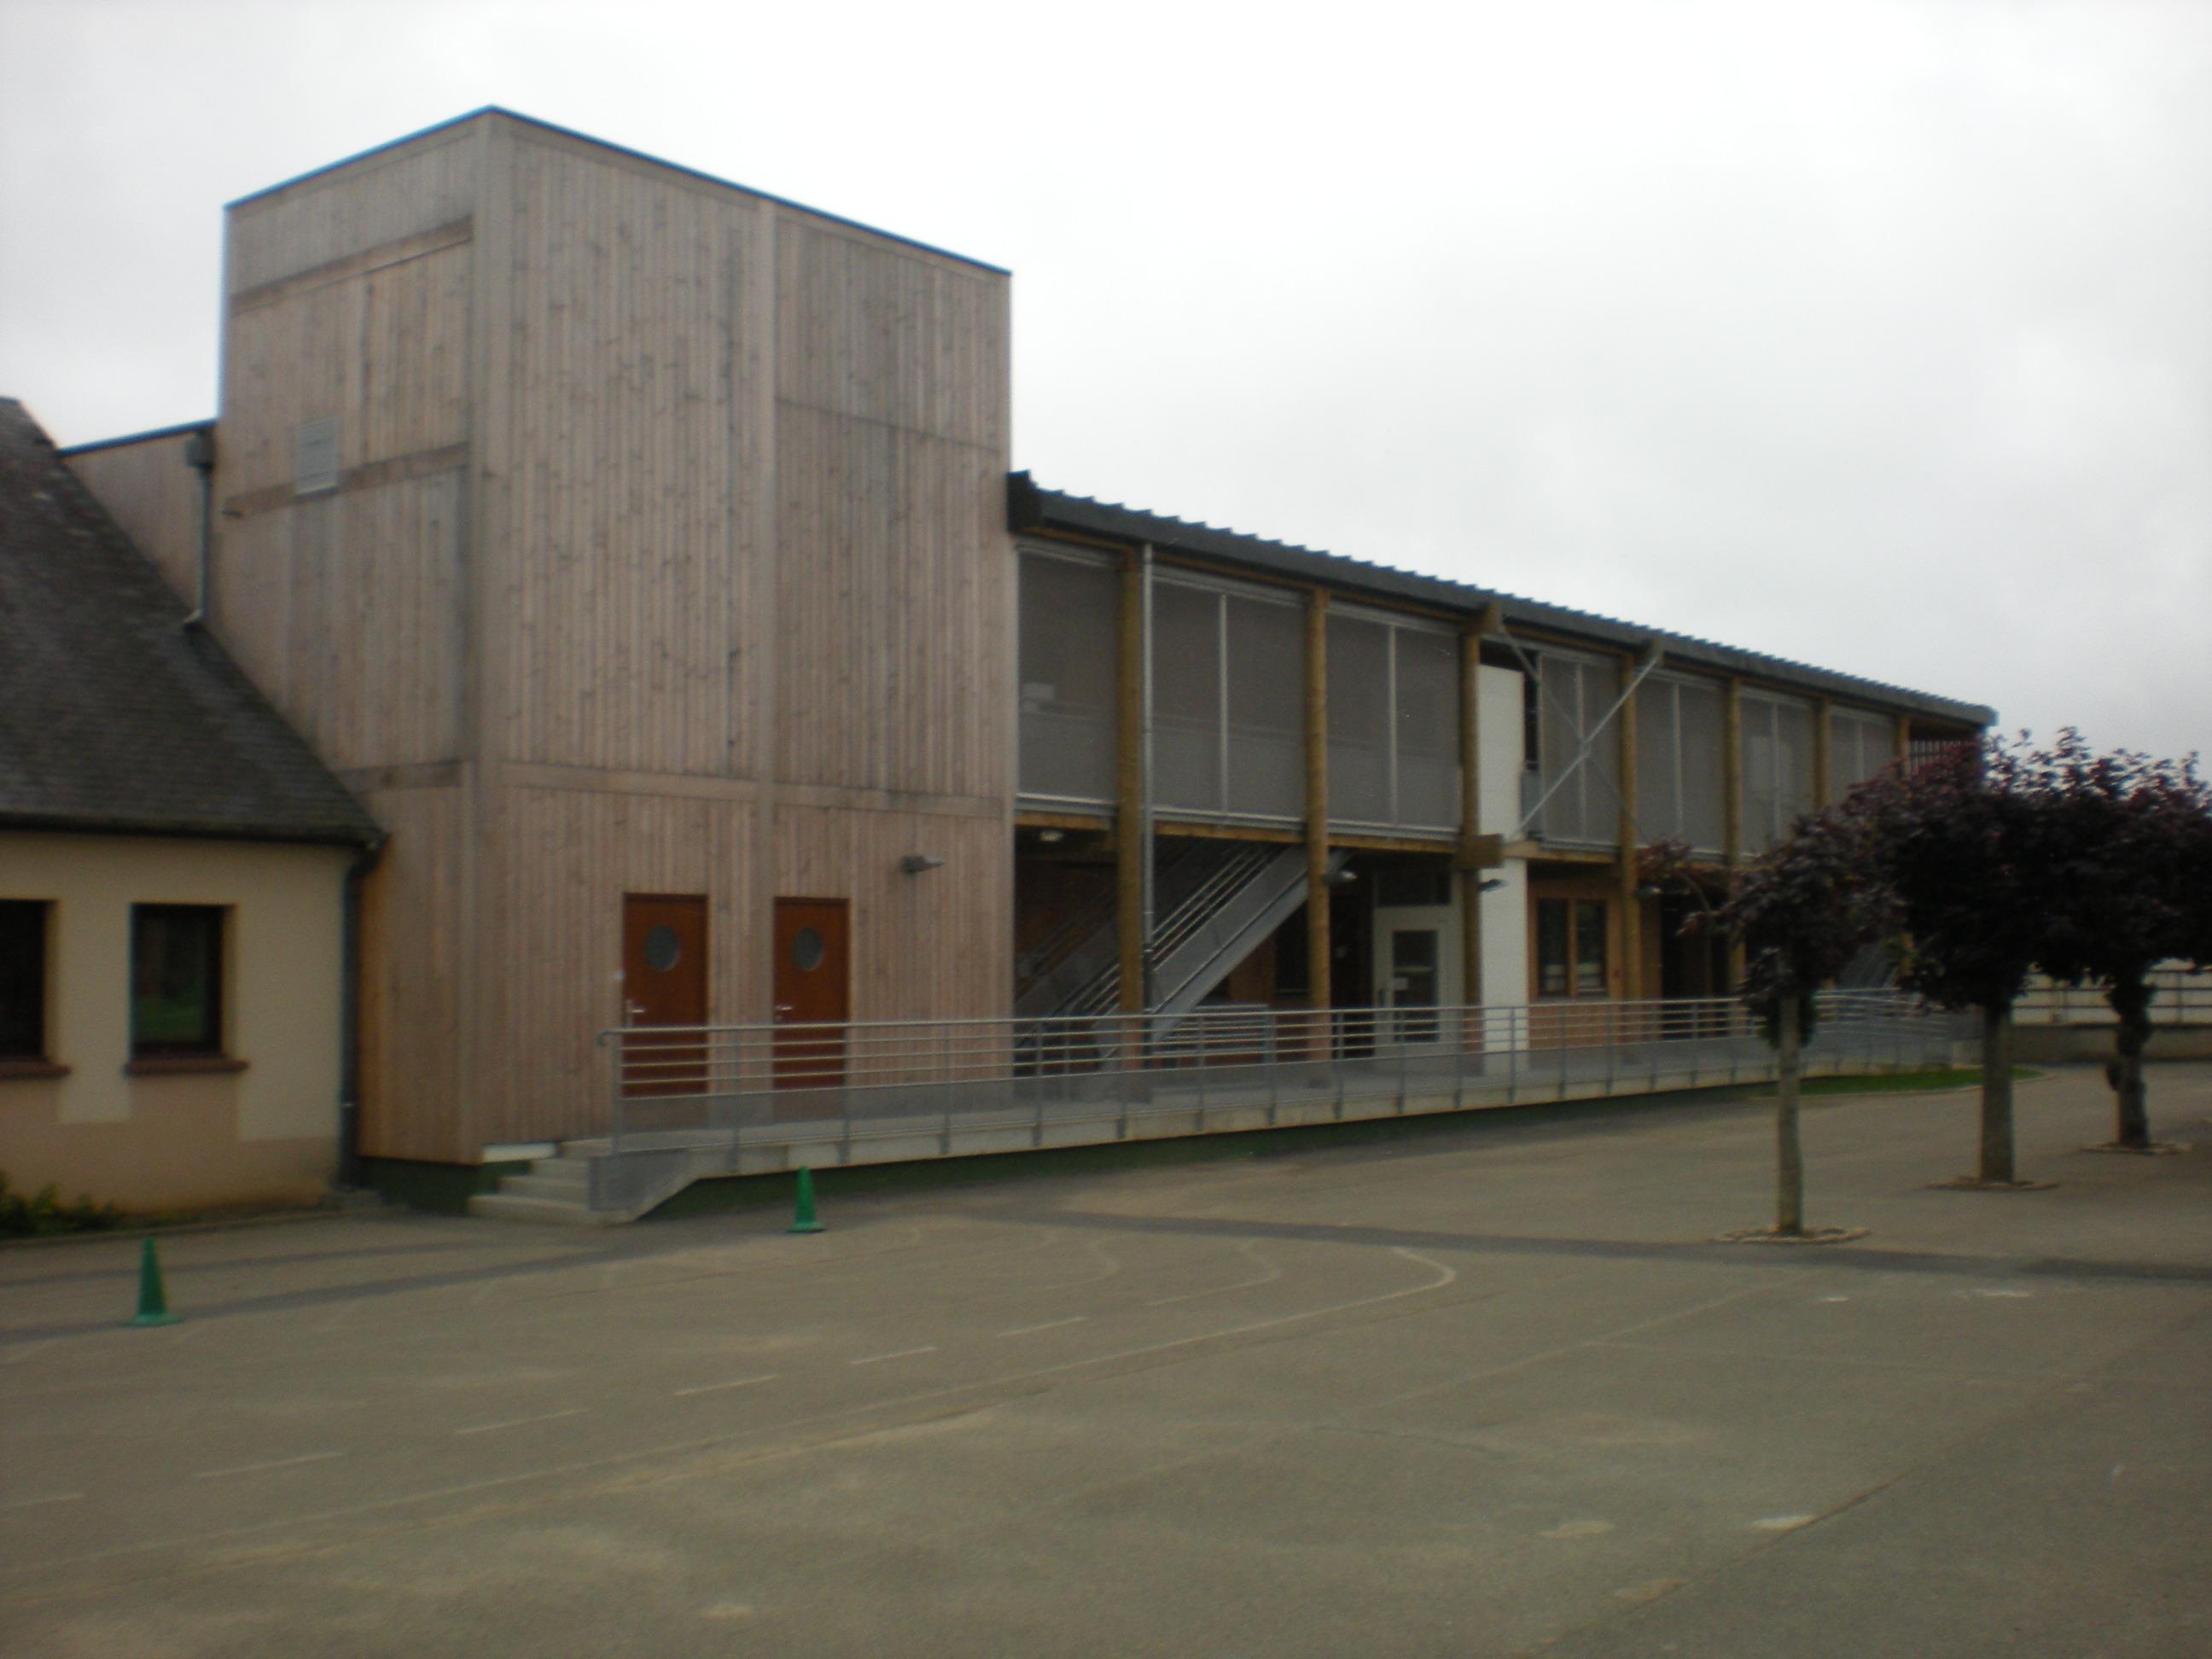 construction-et-rehabilitation-des-ecoles-maternelles-et-primaires-i-unverre-28-2-165649